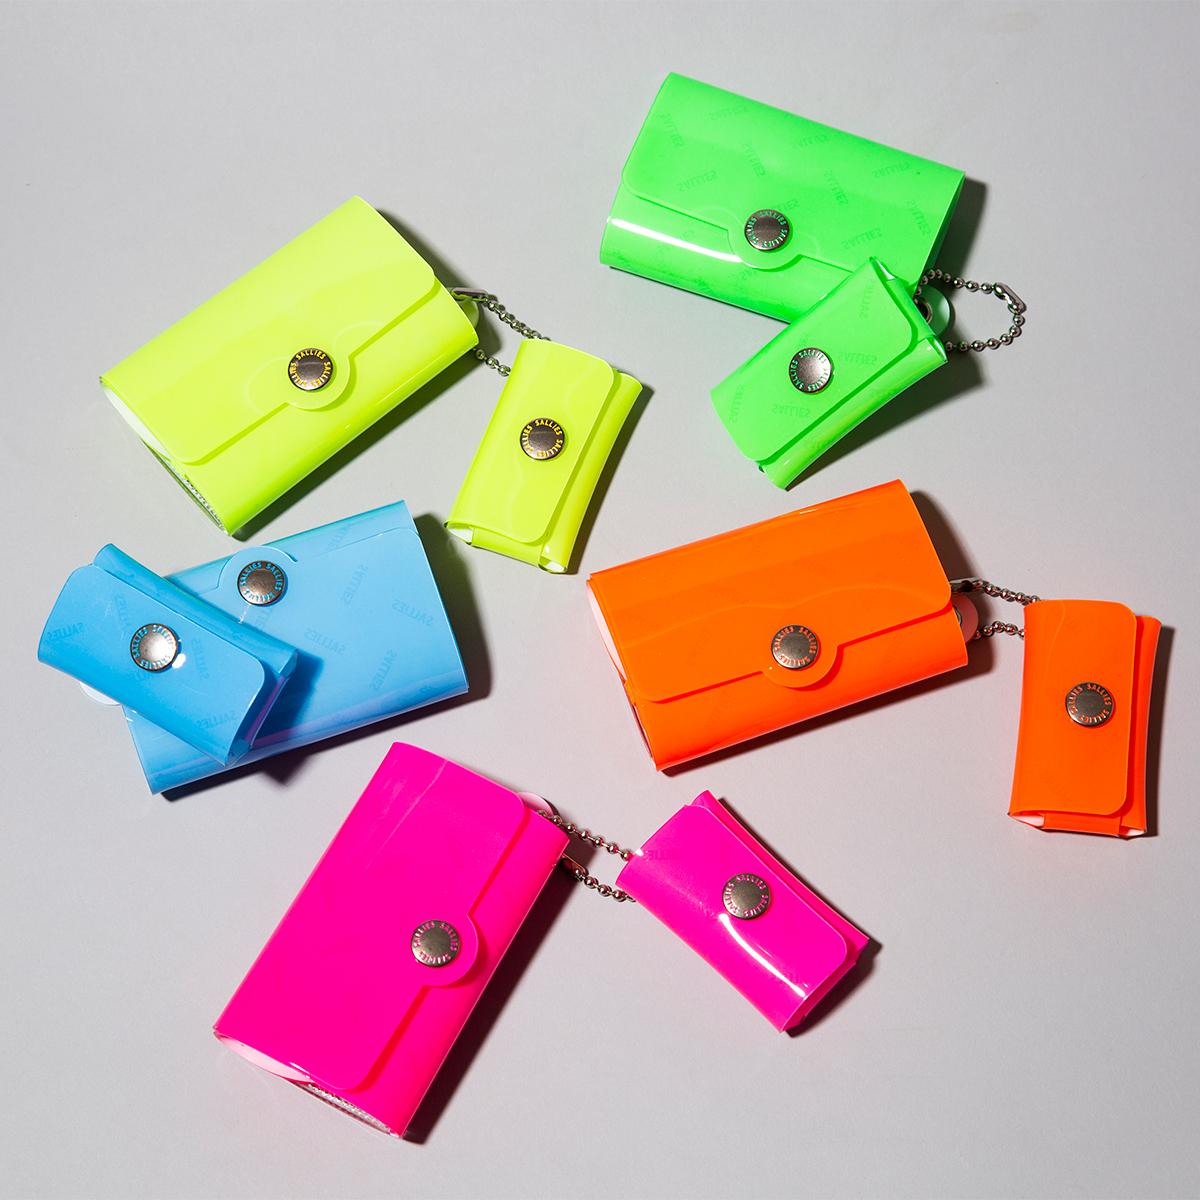 ハッとするほど目を引く、一年中映える、カラフルデザイン。ミニマム構造がかなえる、軽量&収納力の「ミニ財布」|SALLIES